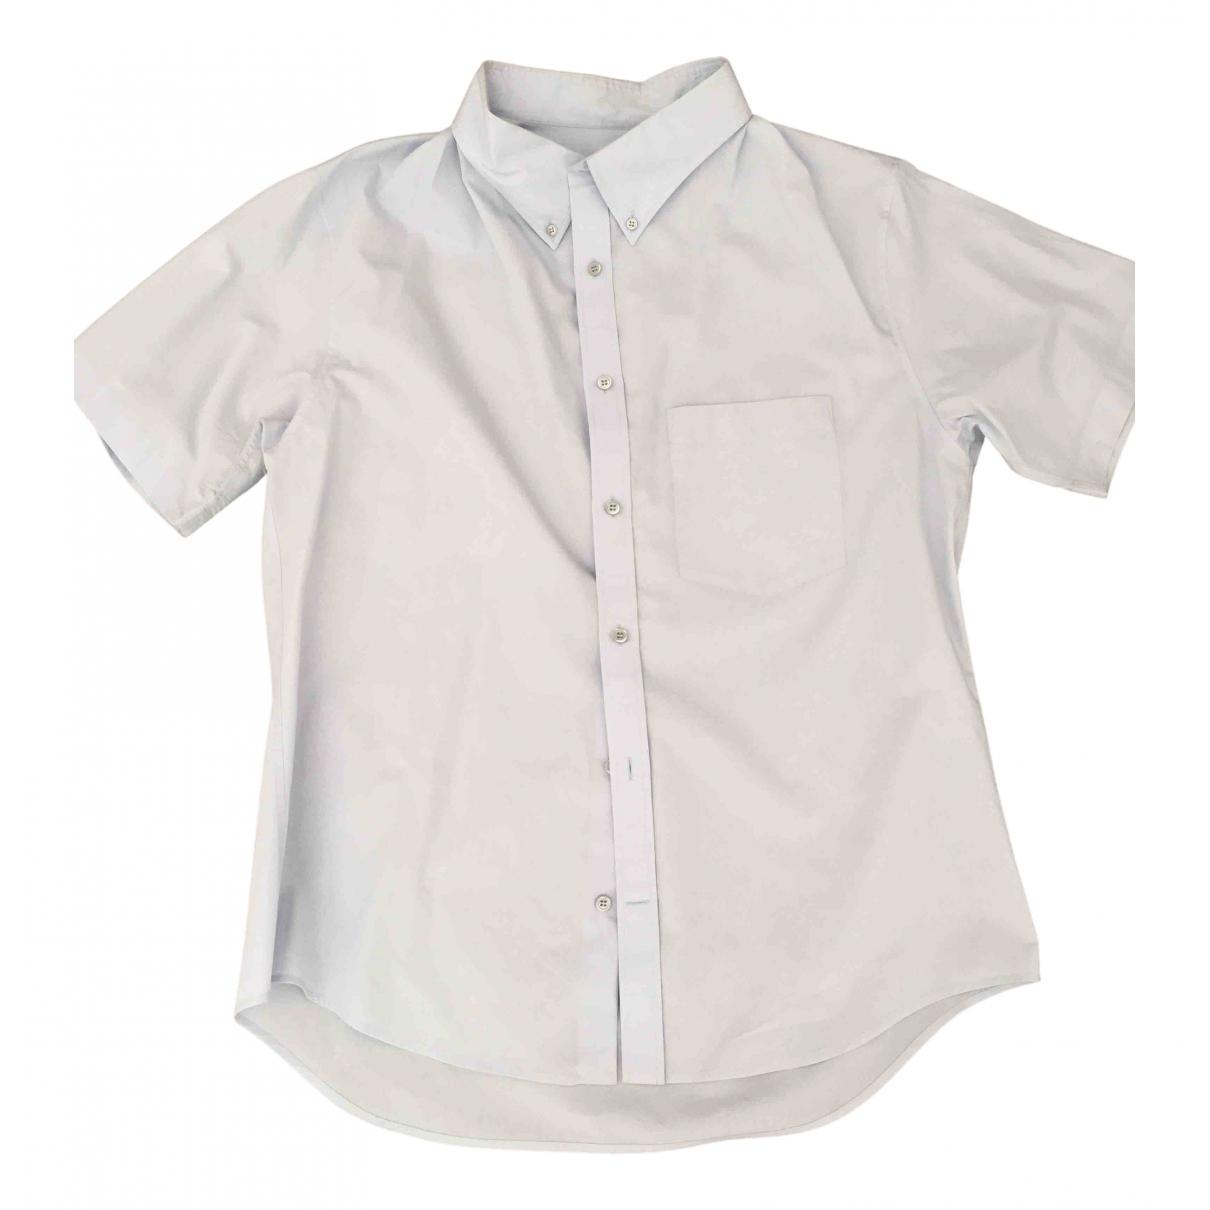 Balenciaga \N Turquoise Cotton Shirts for Men 37 EU (tour de cou / collar)